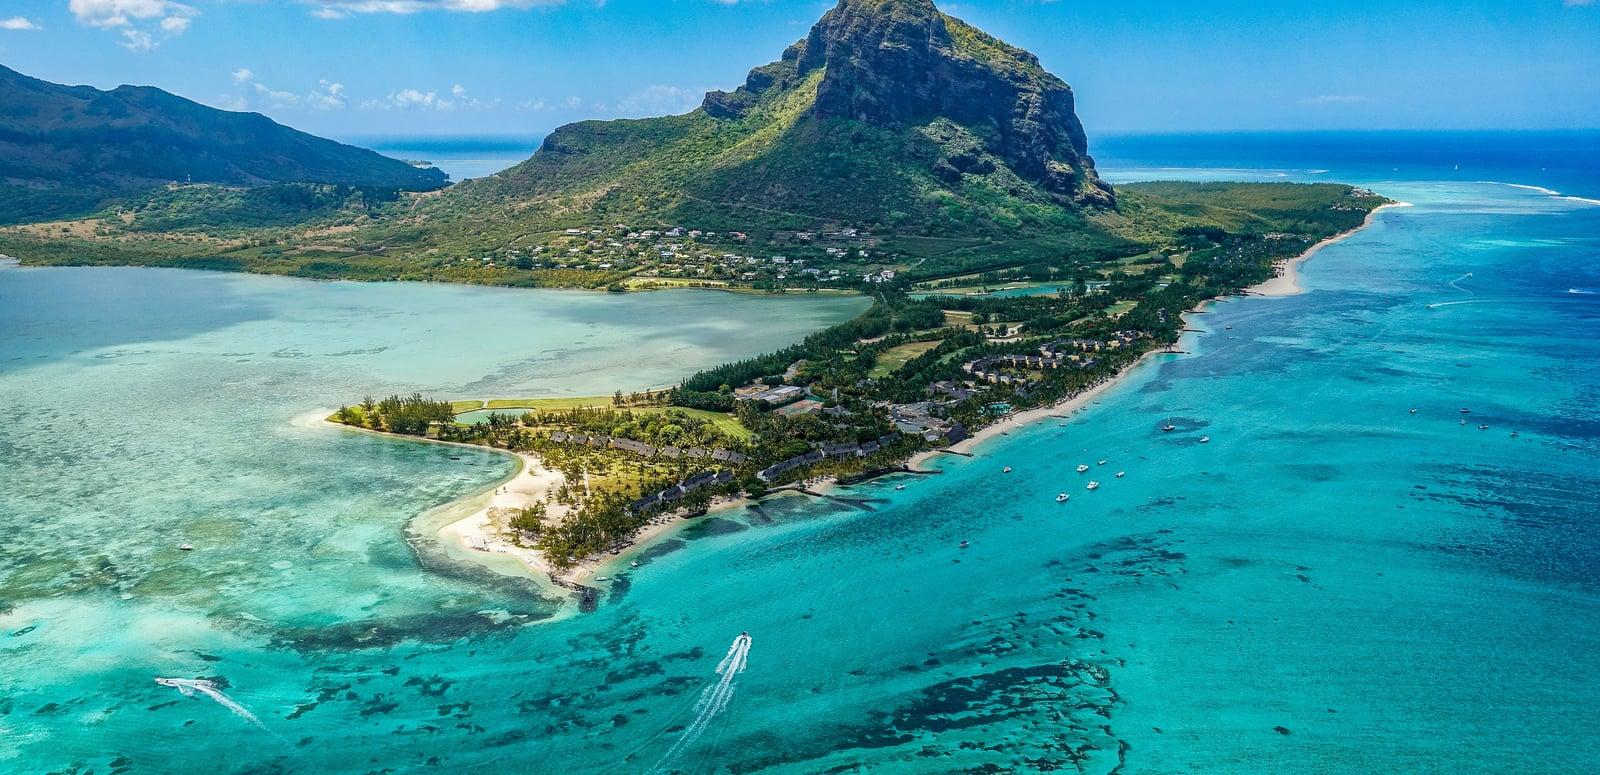 Kết quả hình ảnh cho mauritius tourist attractions